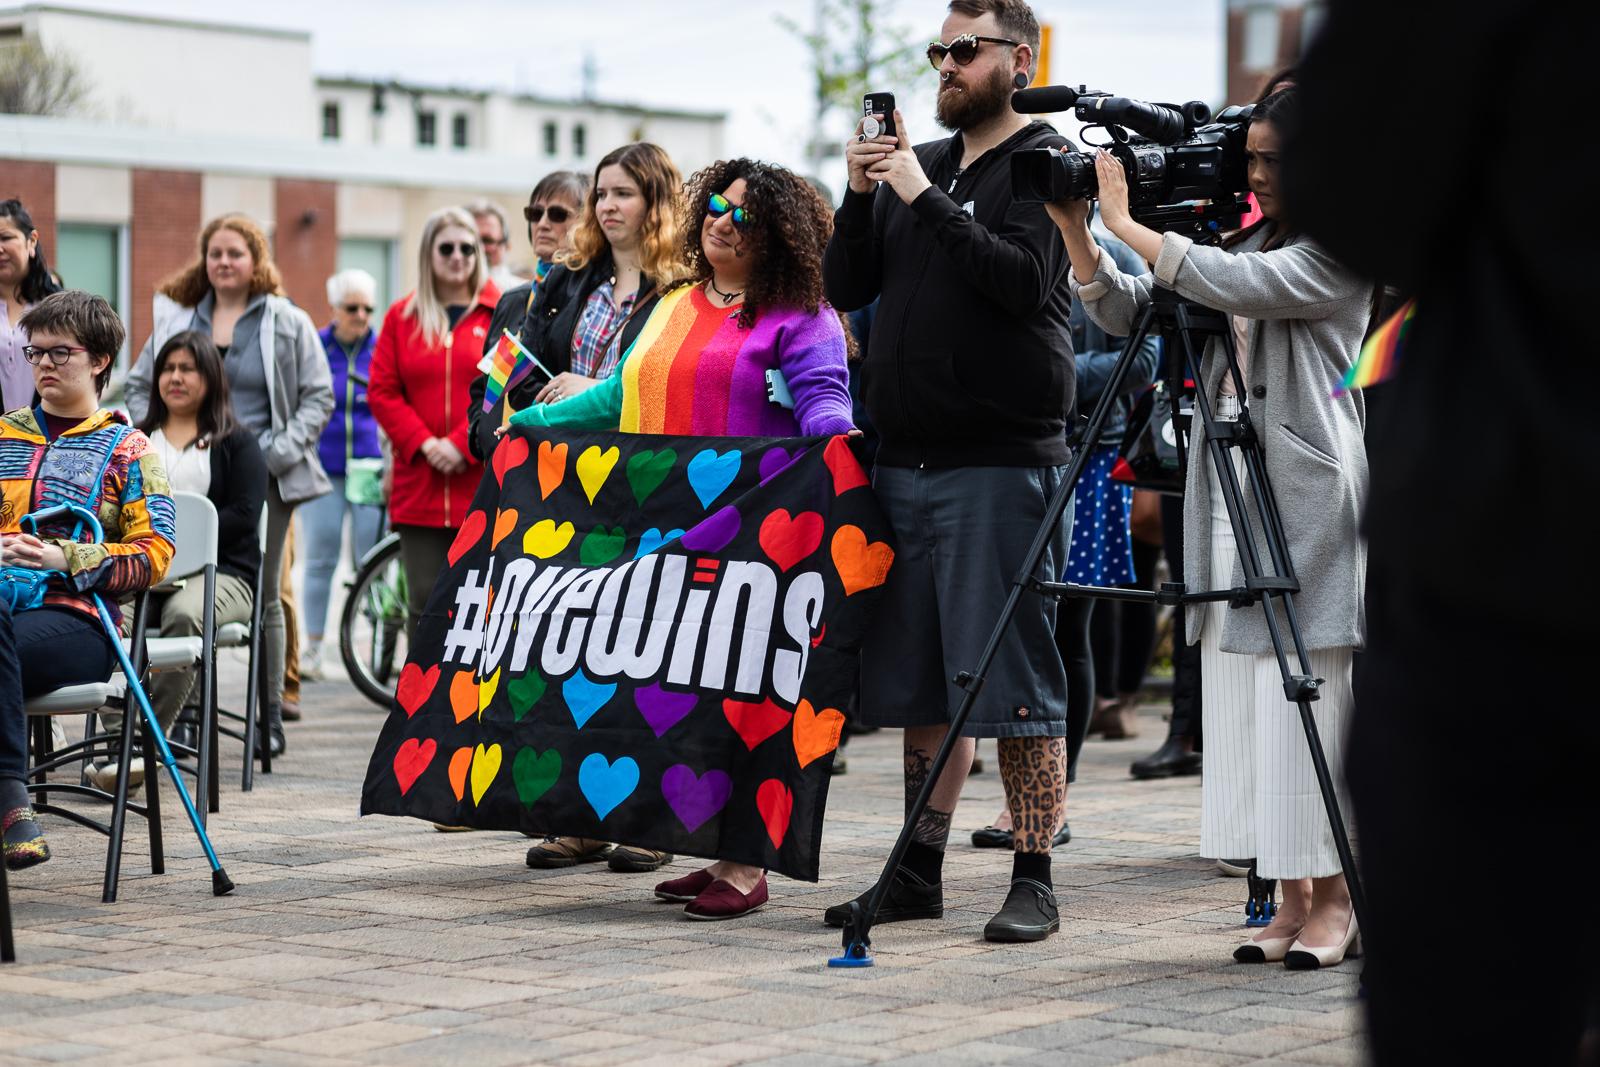 pride-2019-opening-ceremonies-blog-17.jpg